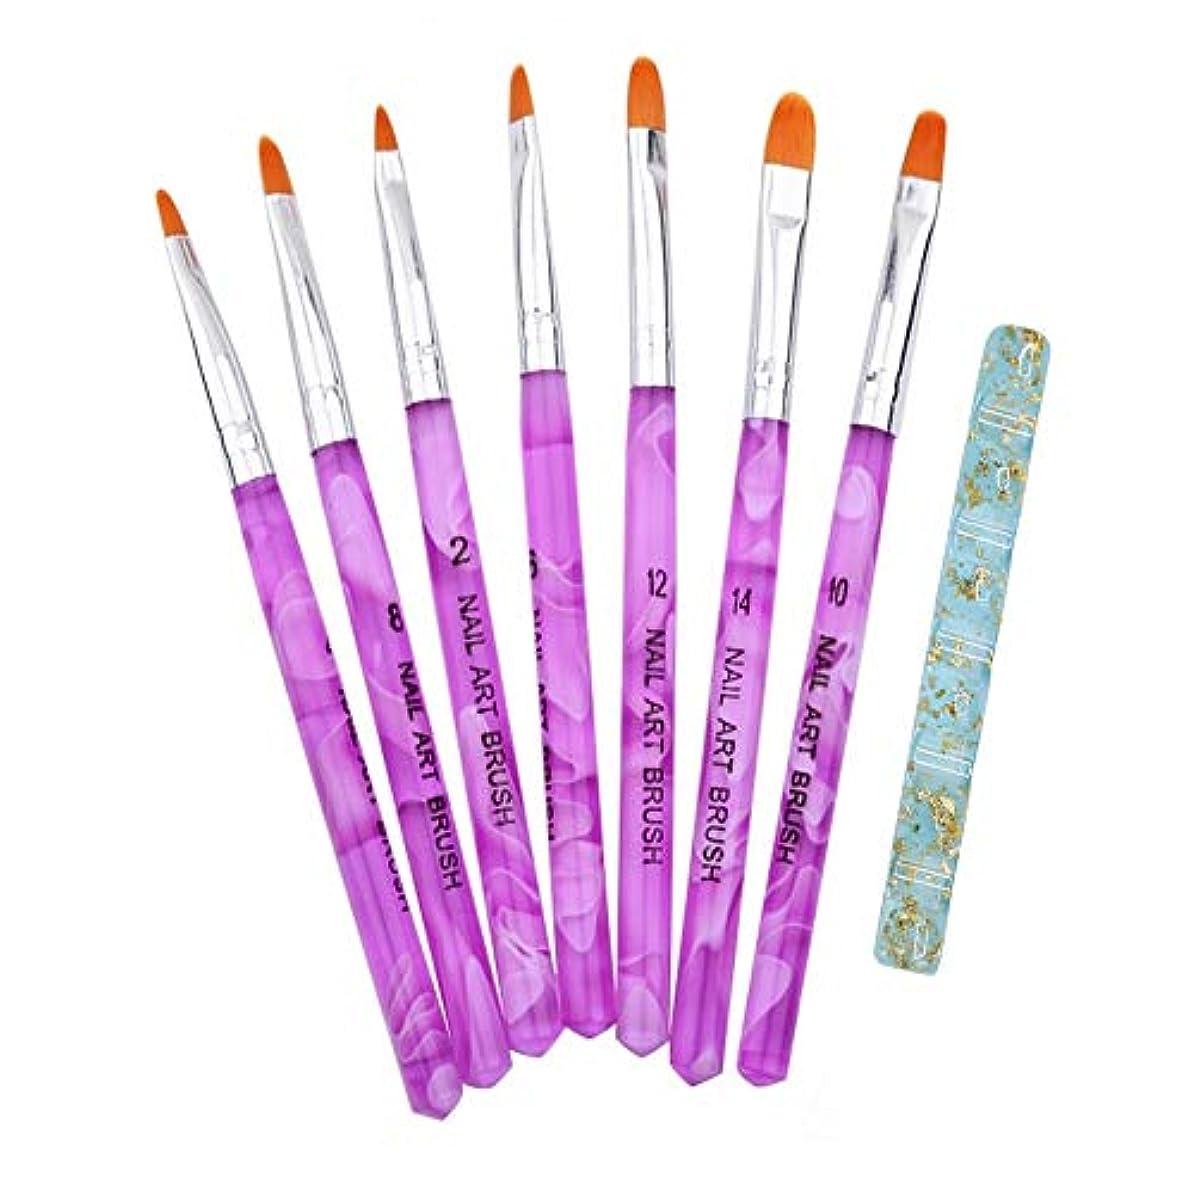 調整する円形のデイジージェル ネイル ブラシ UV 用 平筆 ブラシ 7本 セット 爪 アート プロ仕様 (7本セット)